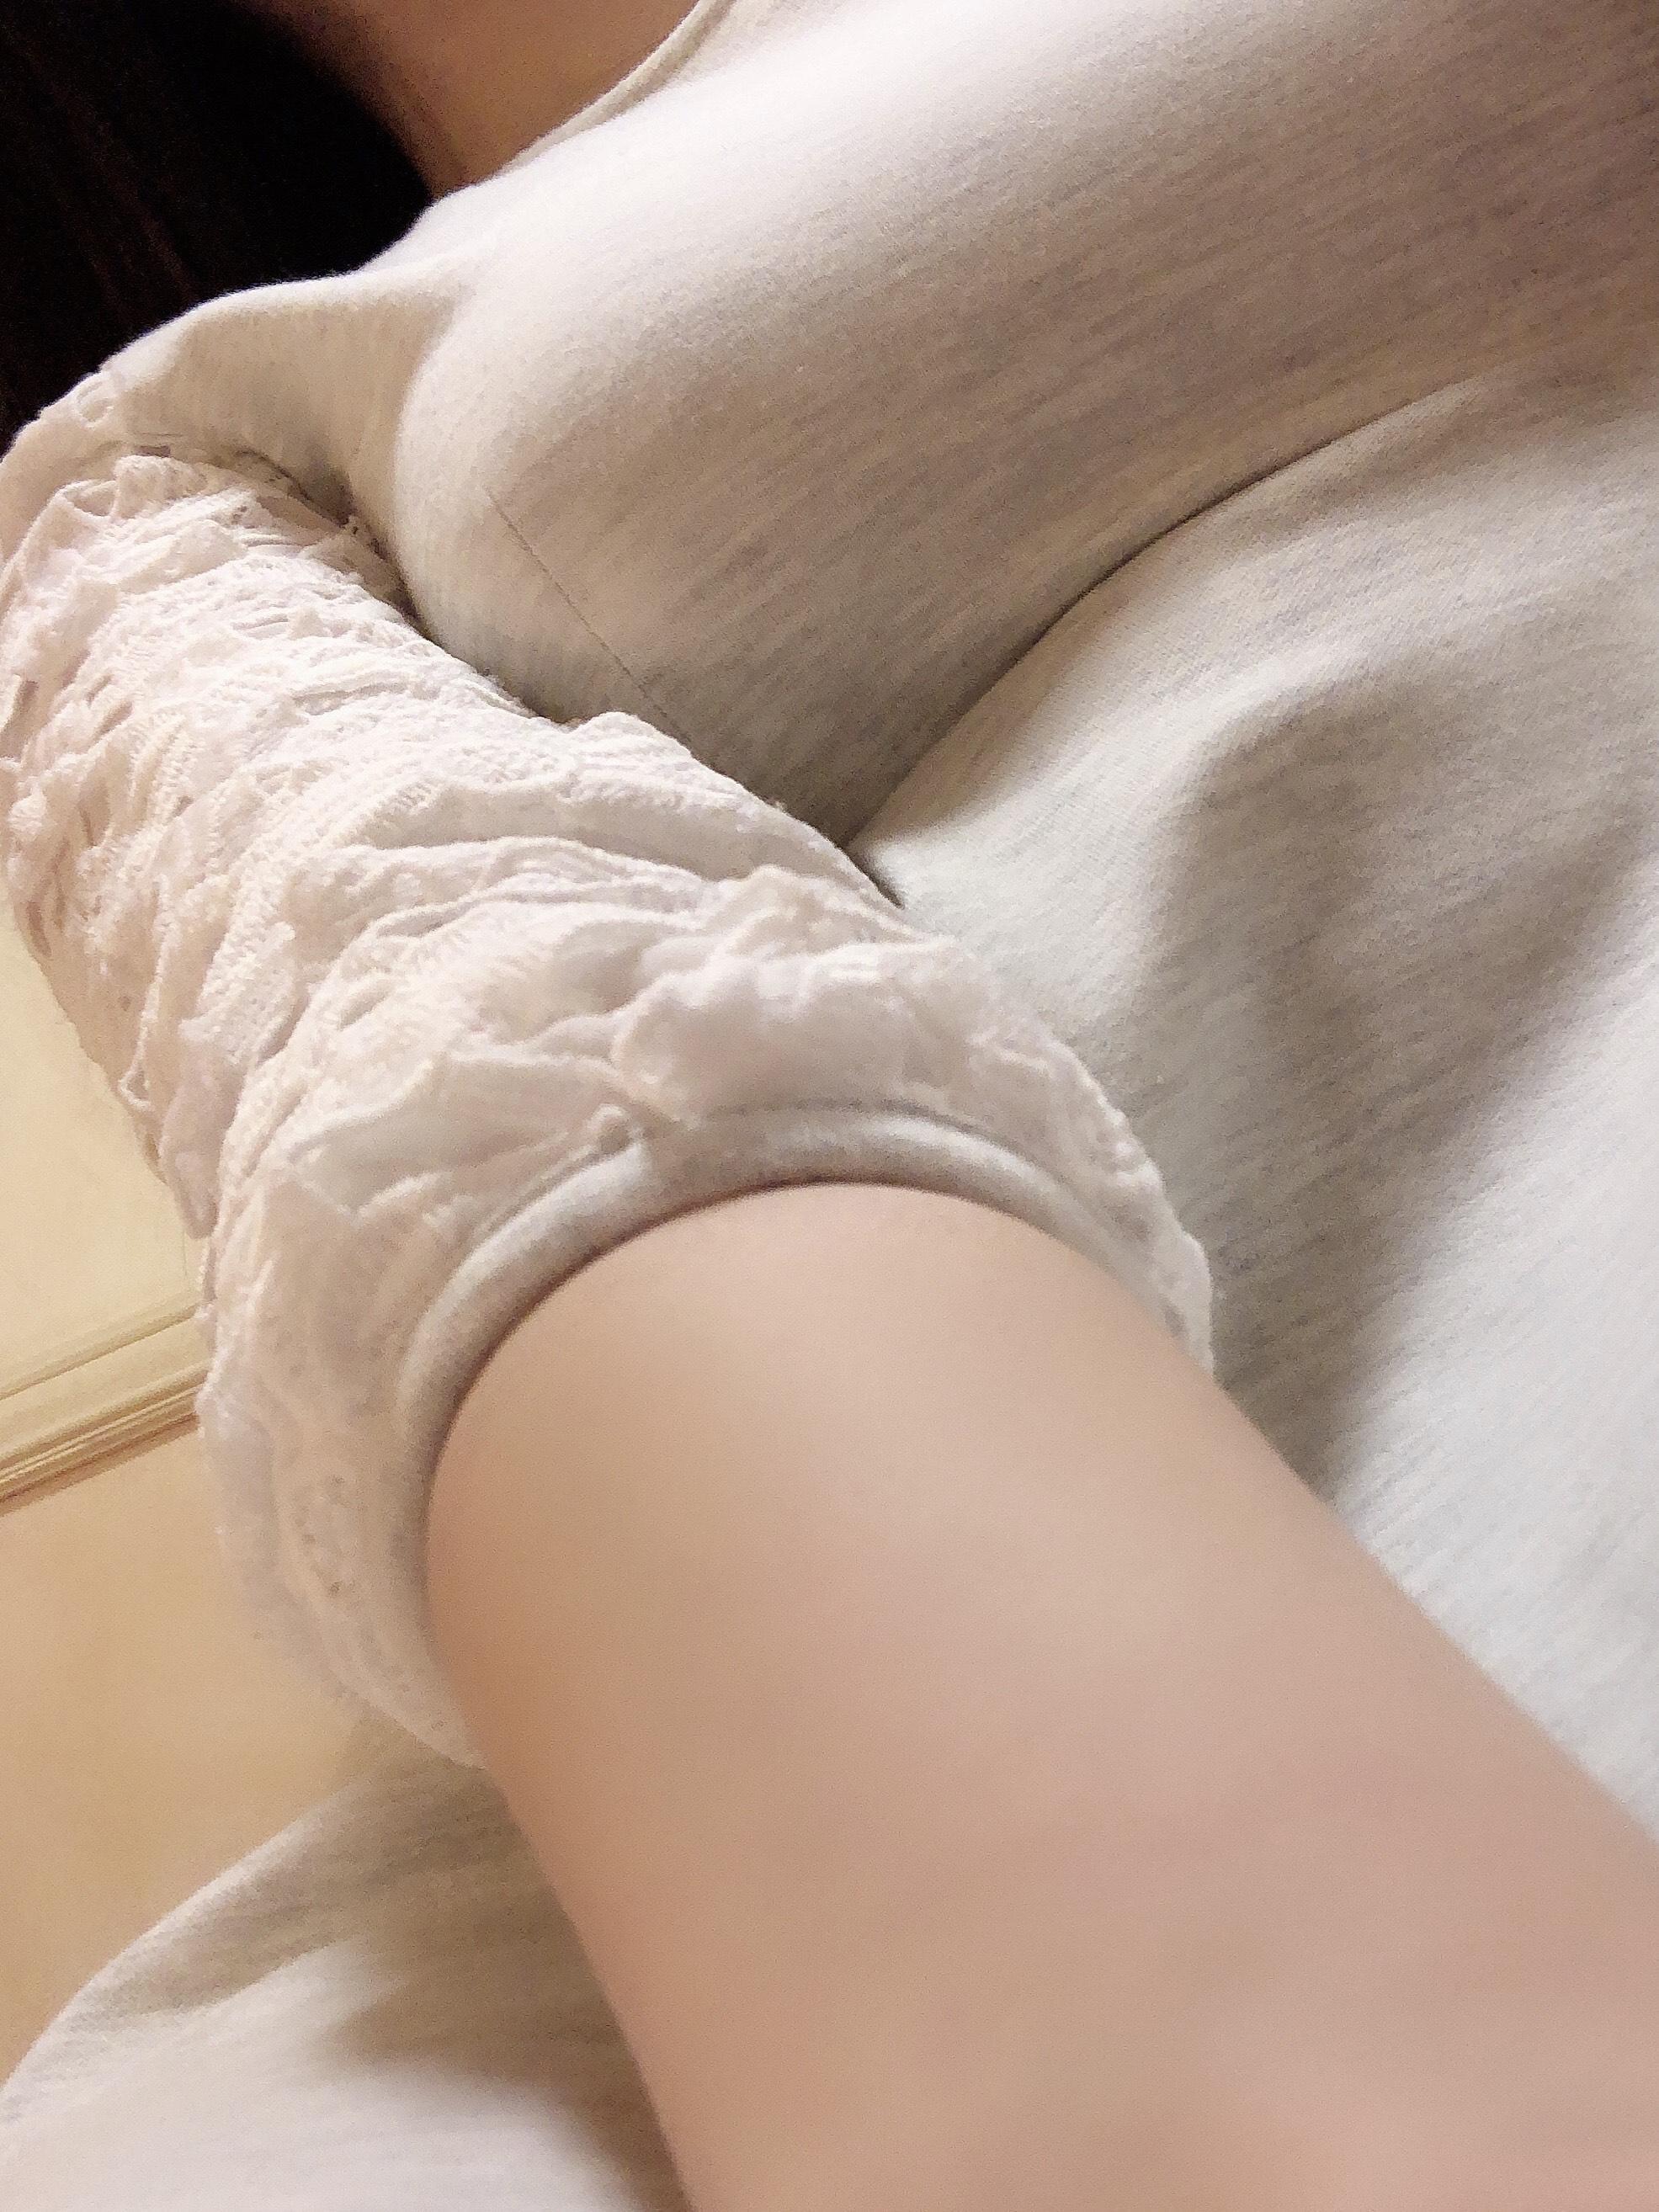 「明日はバイオレンス !」11/16(11/16) 23:12 | なのはの写メ・風俗動画